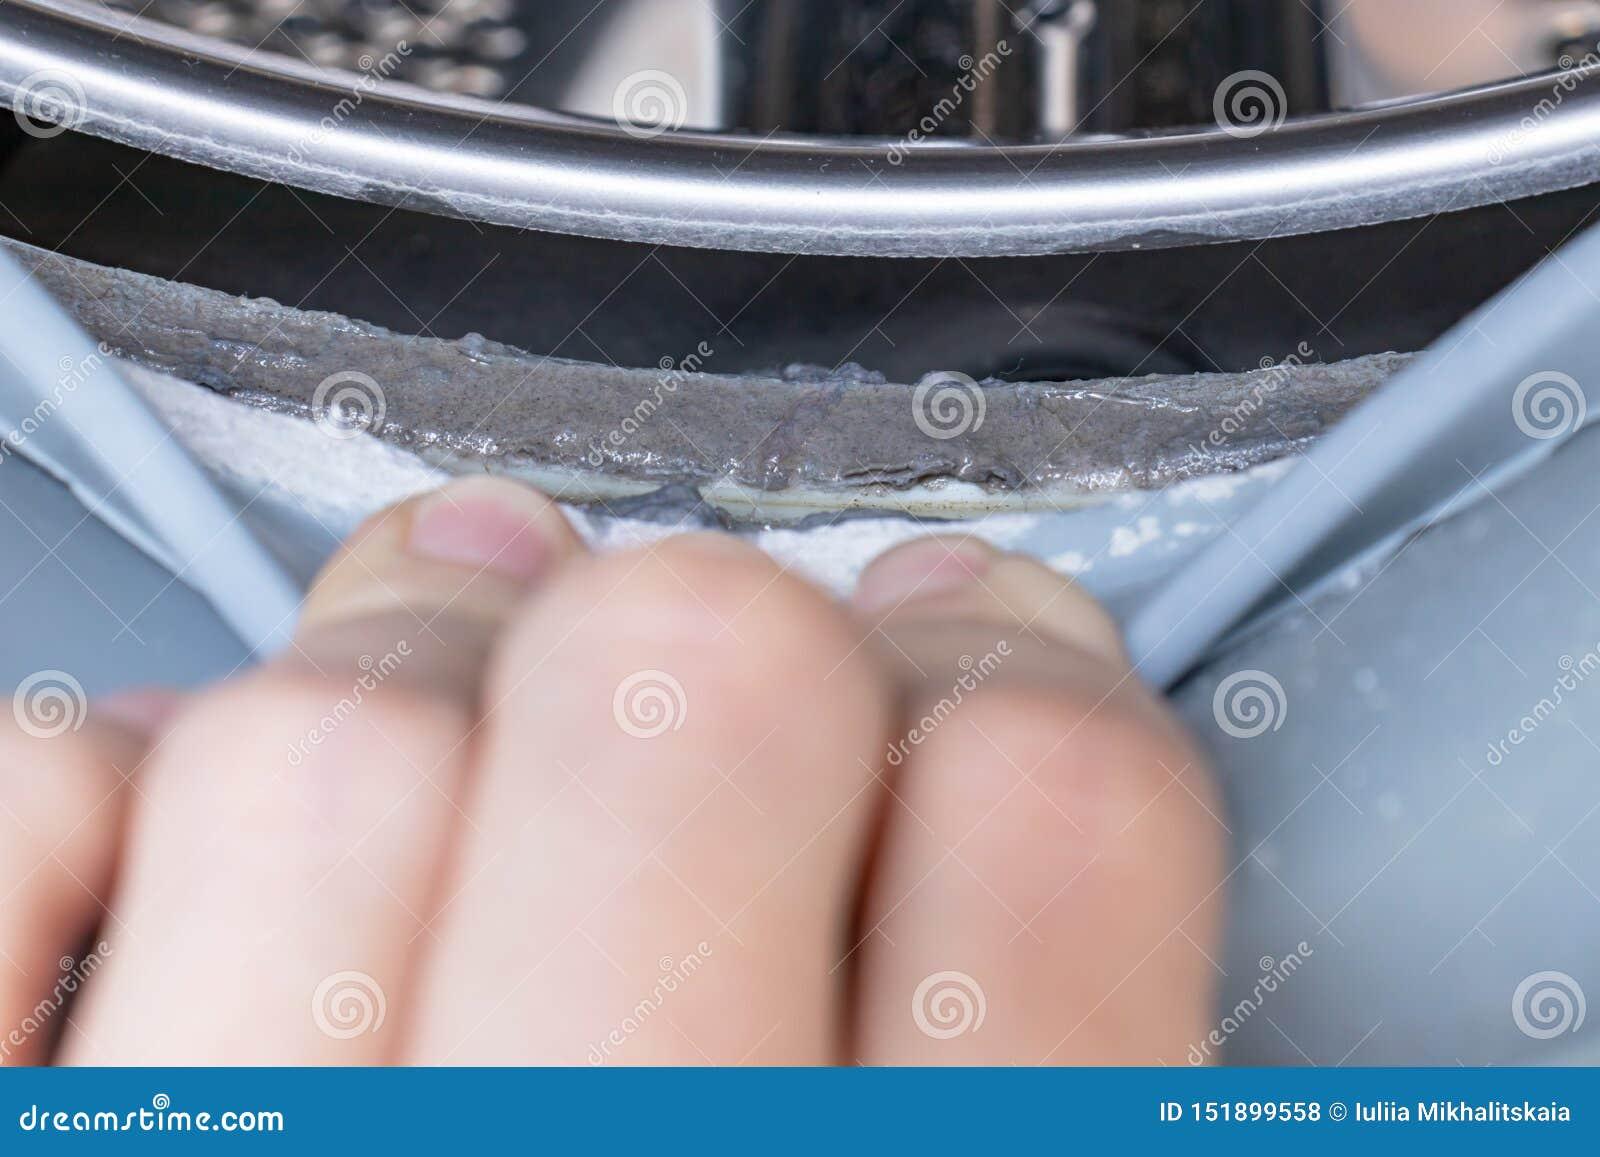 Brudzi ple?niowej pralki piecz?ciow? gum? i b?ben zamkni?tych w g?r? Foremka, brud i limescale w pralce, urz?dze? projekta domu i